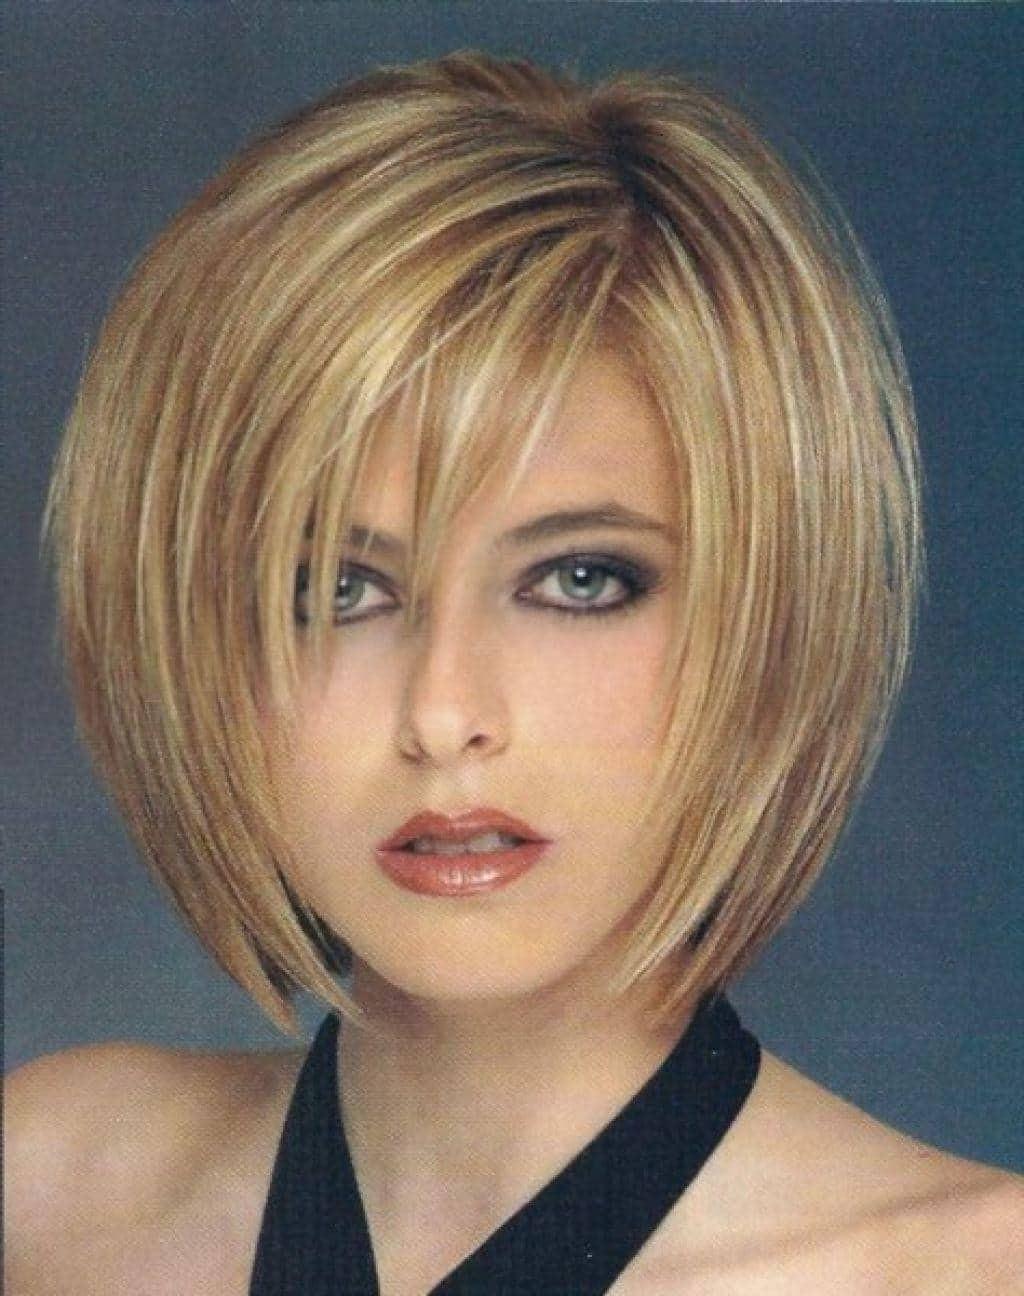 Bob Hairstyles Images  Short bob haircuts for thin hair Short and Cuts Hairstyles